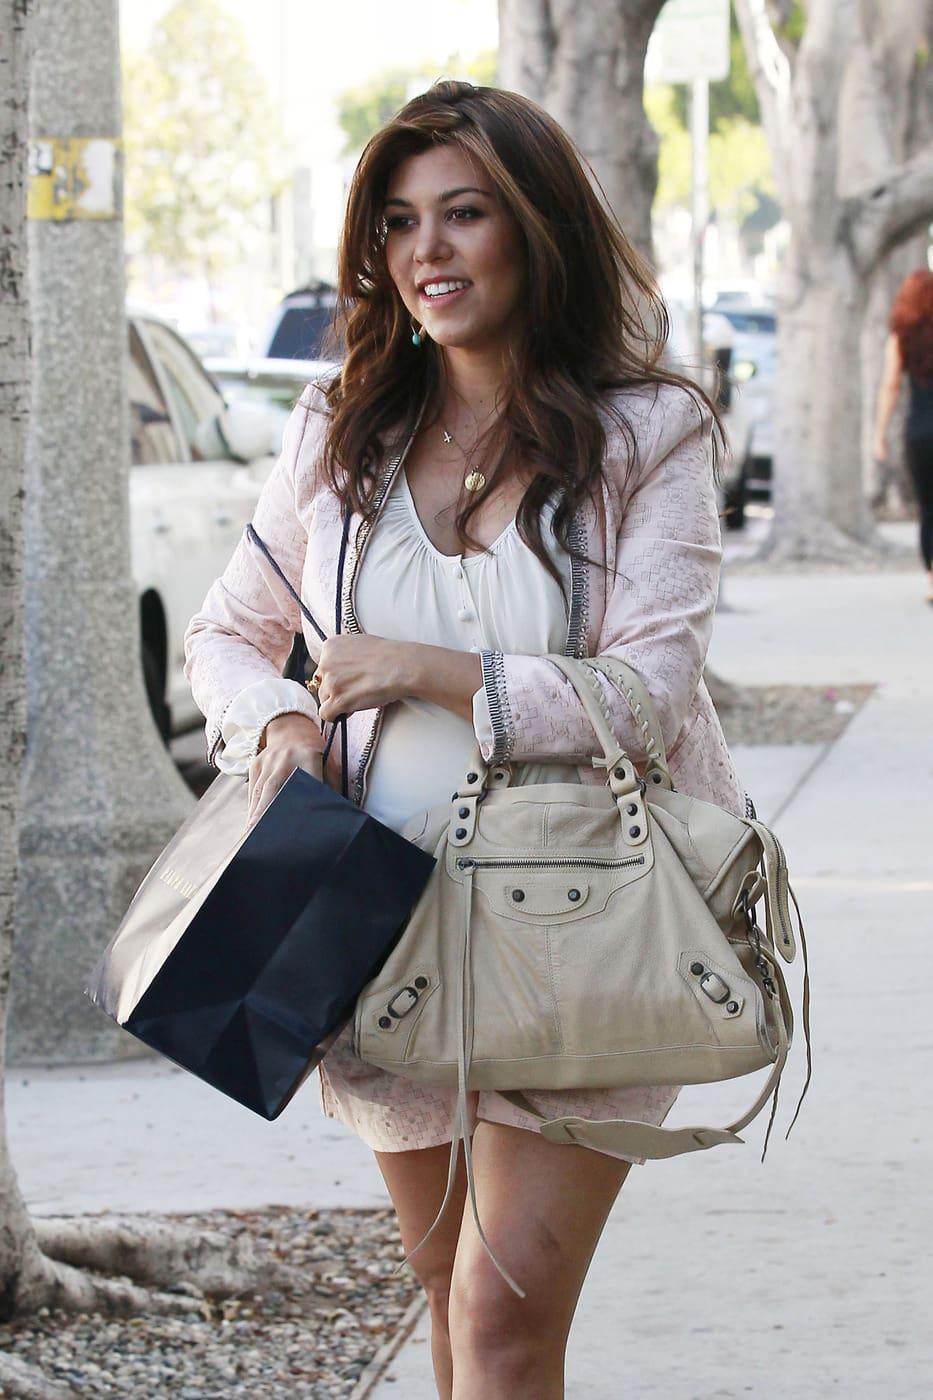 Kourtney Kardashian Explains Pregnant Hair Dyeing Its Safe The